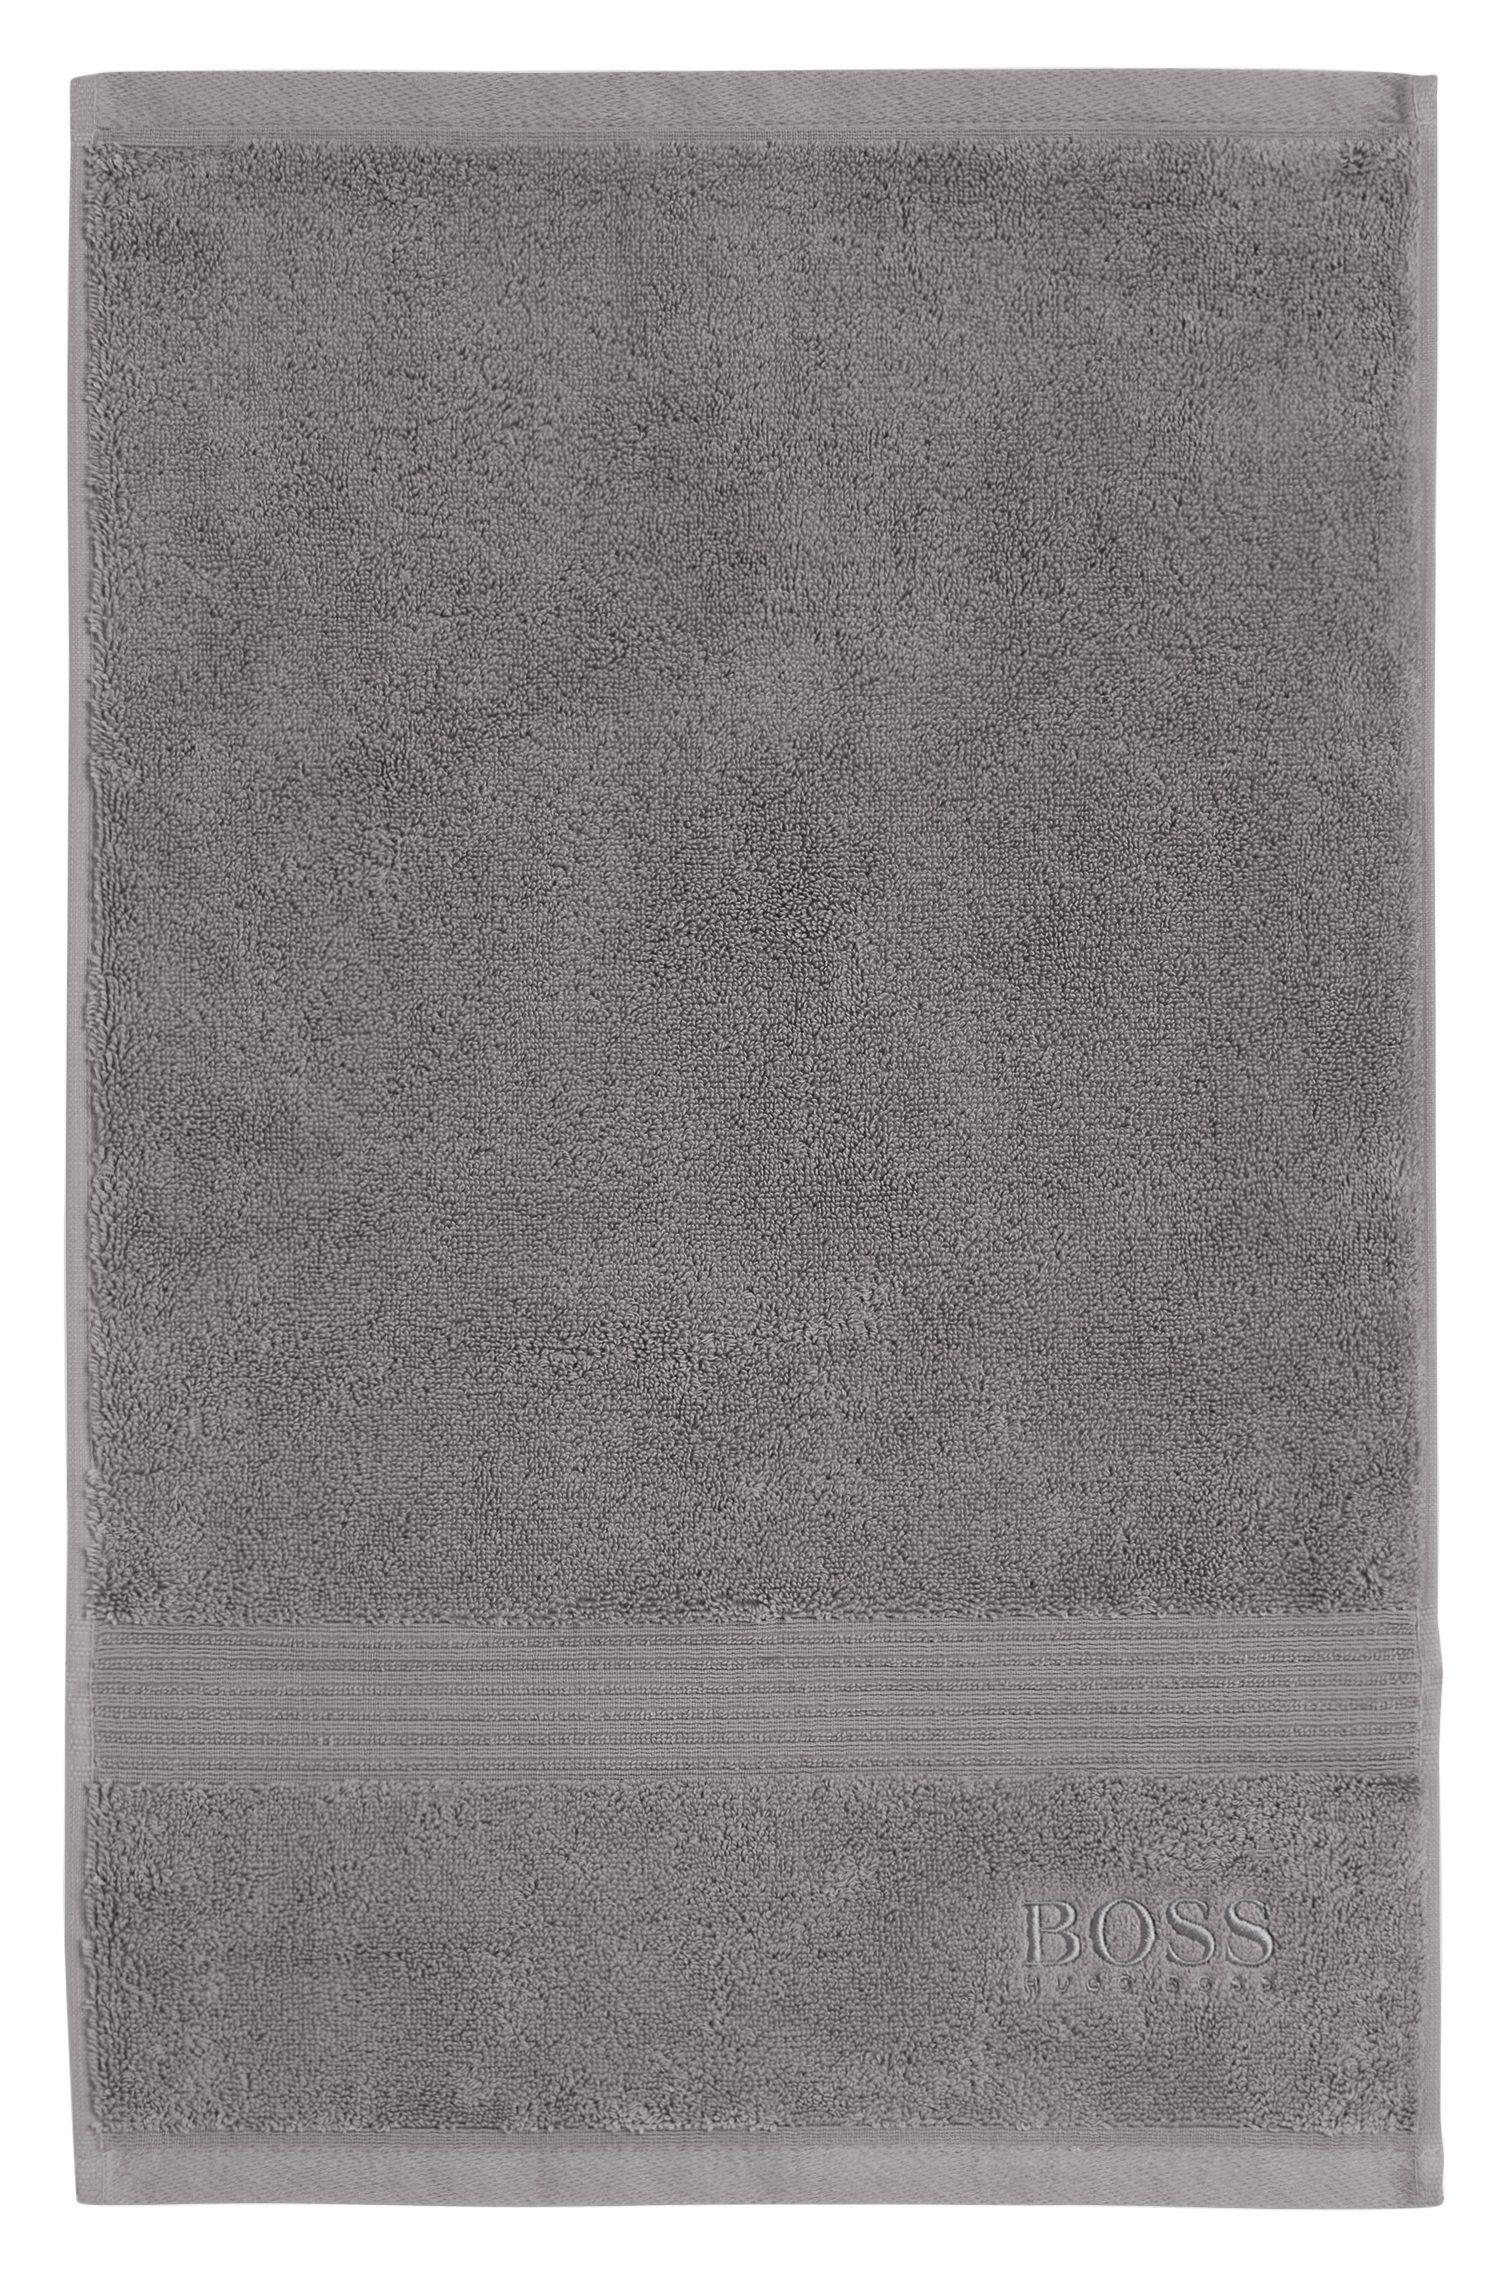 Serviette de toilette pour invité en coton égyptien peigné avec bordure côtelée